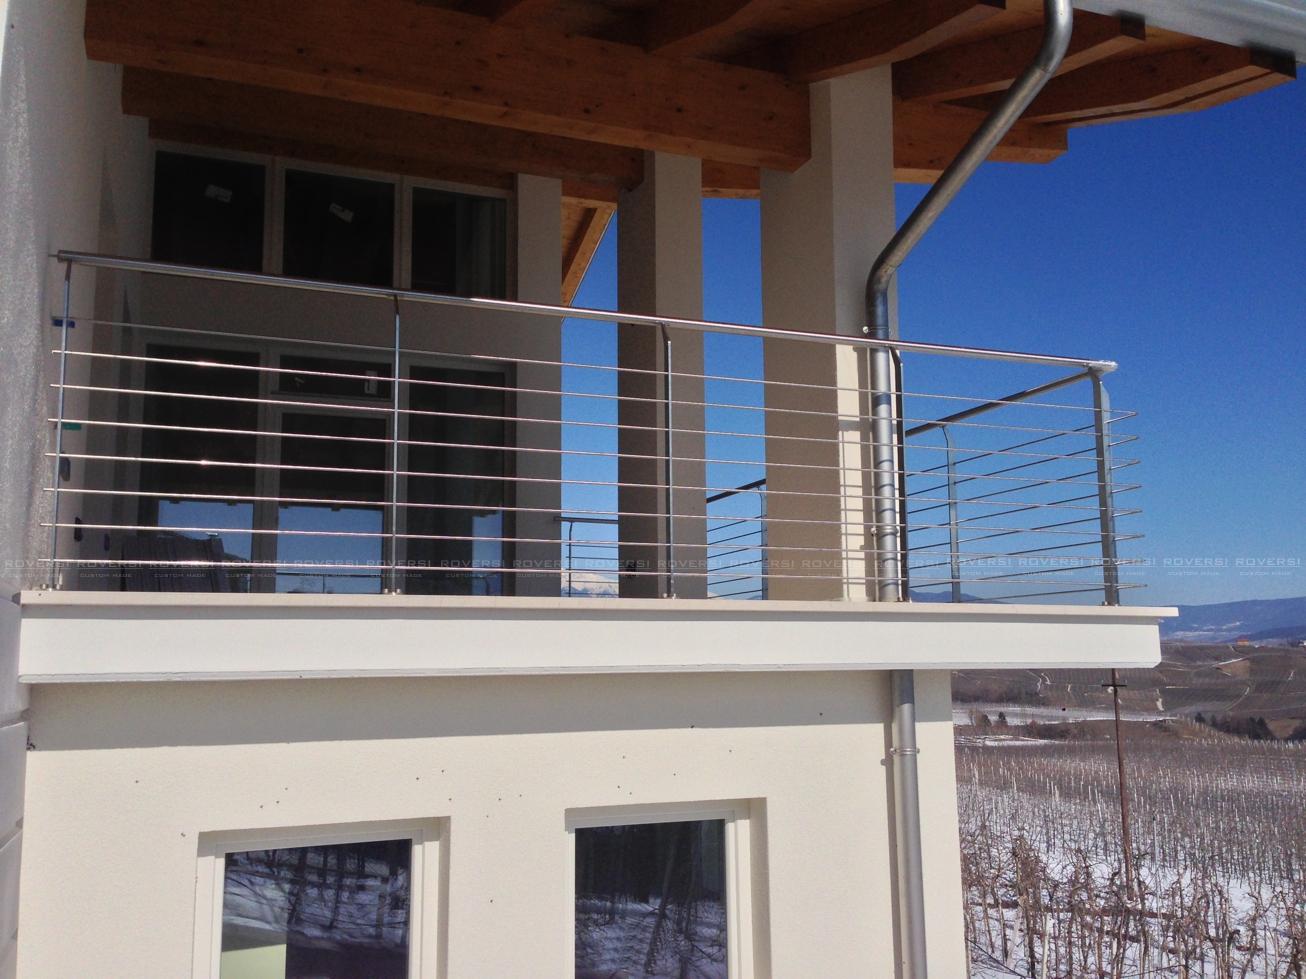 Ringhiera Terrazzo - Home Design E Interior Ideas - Refoias.net